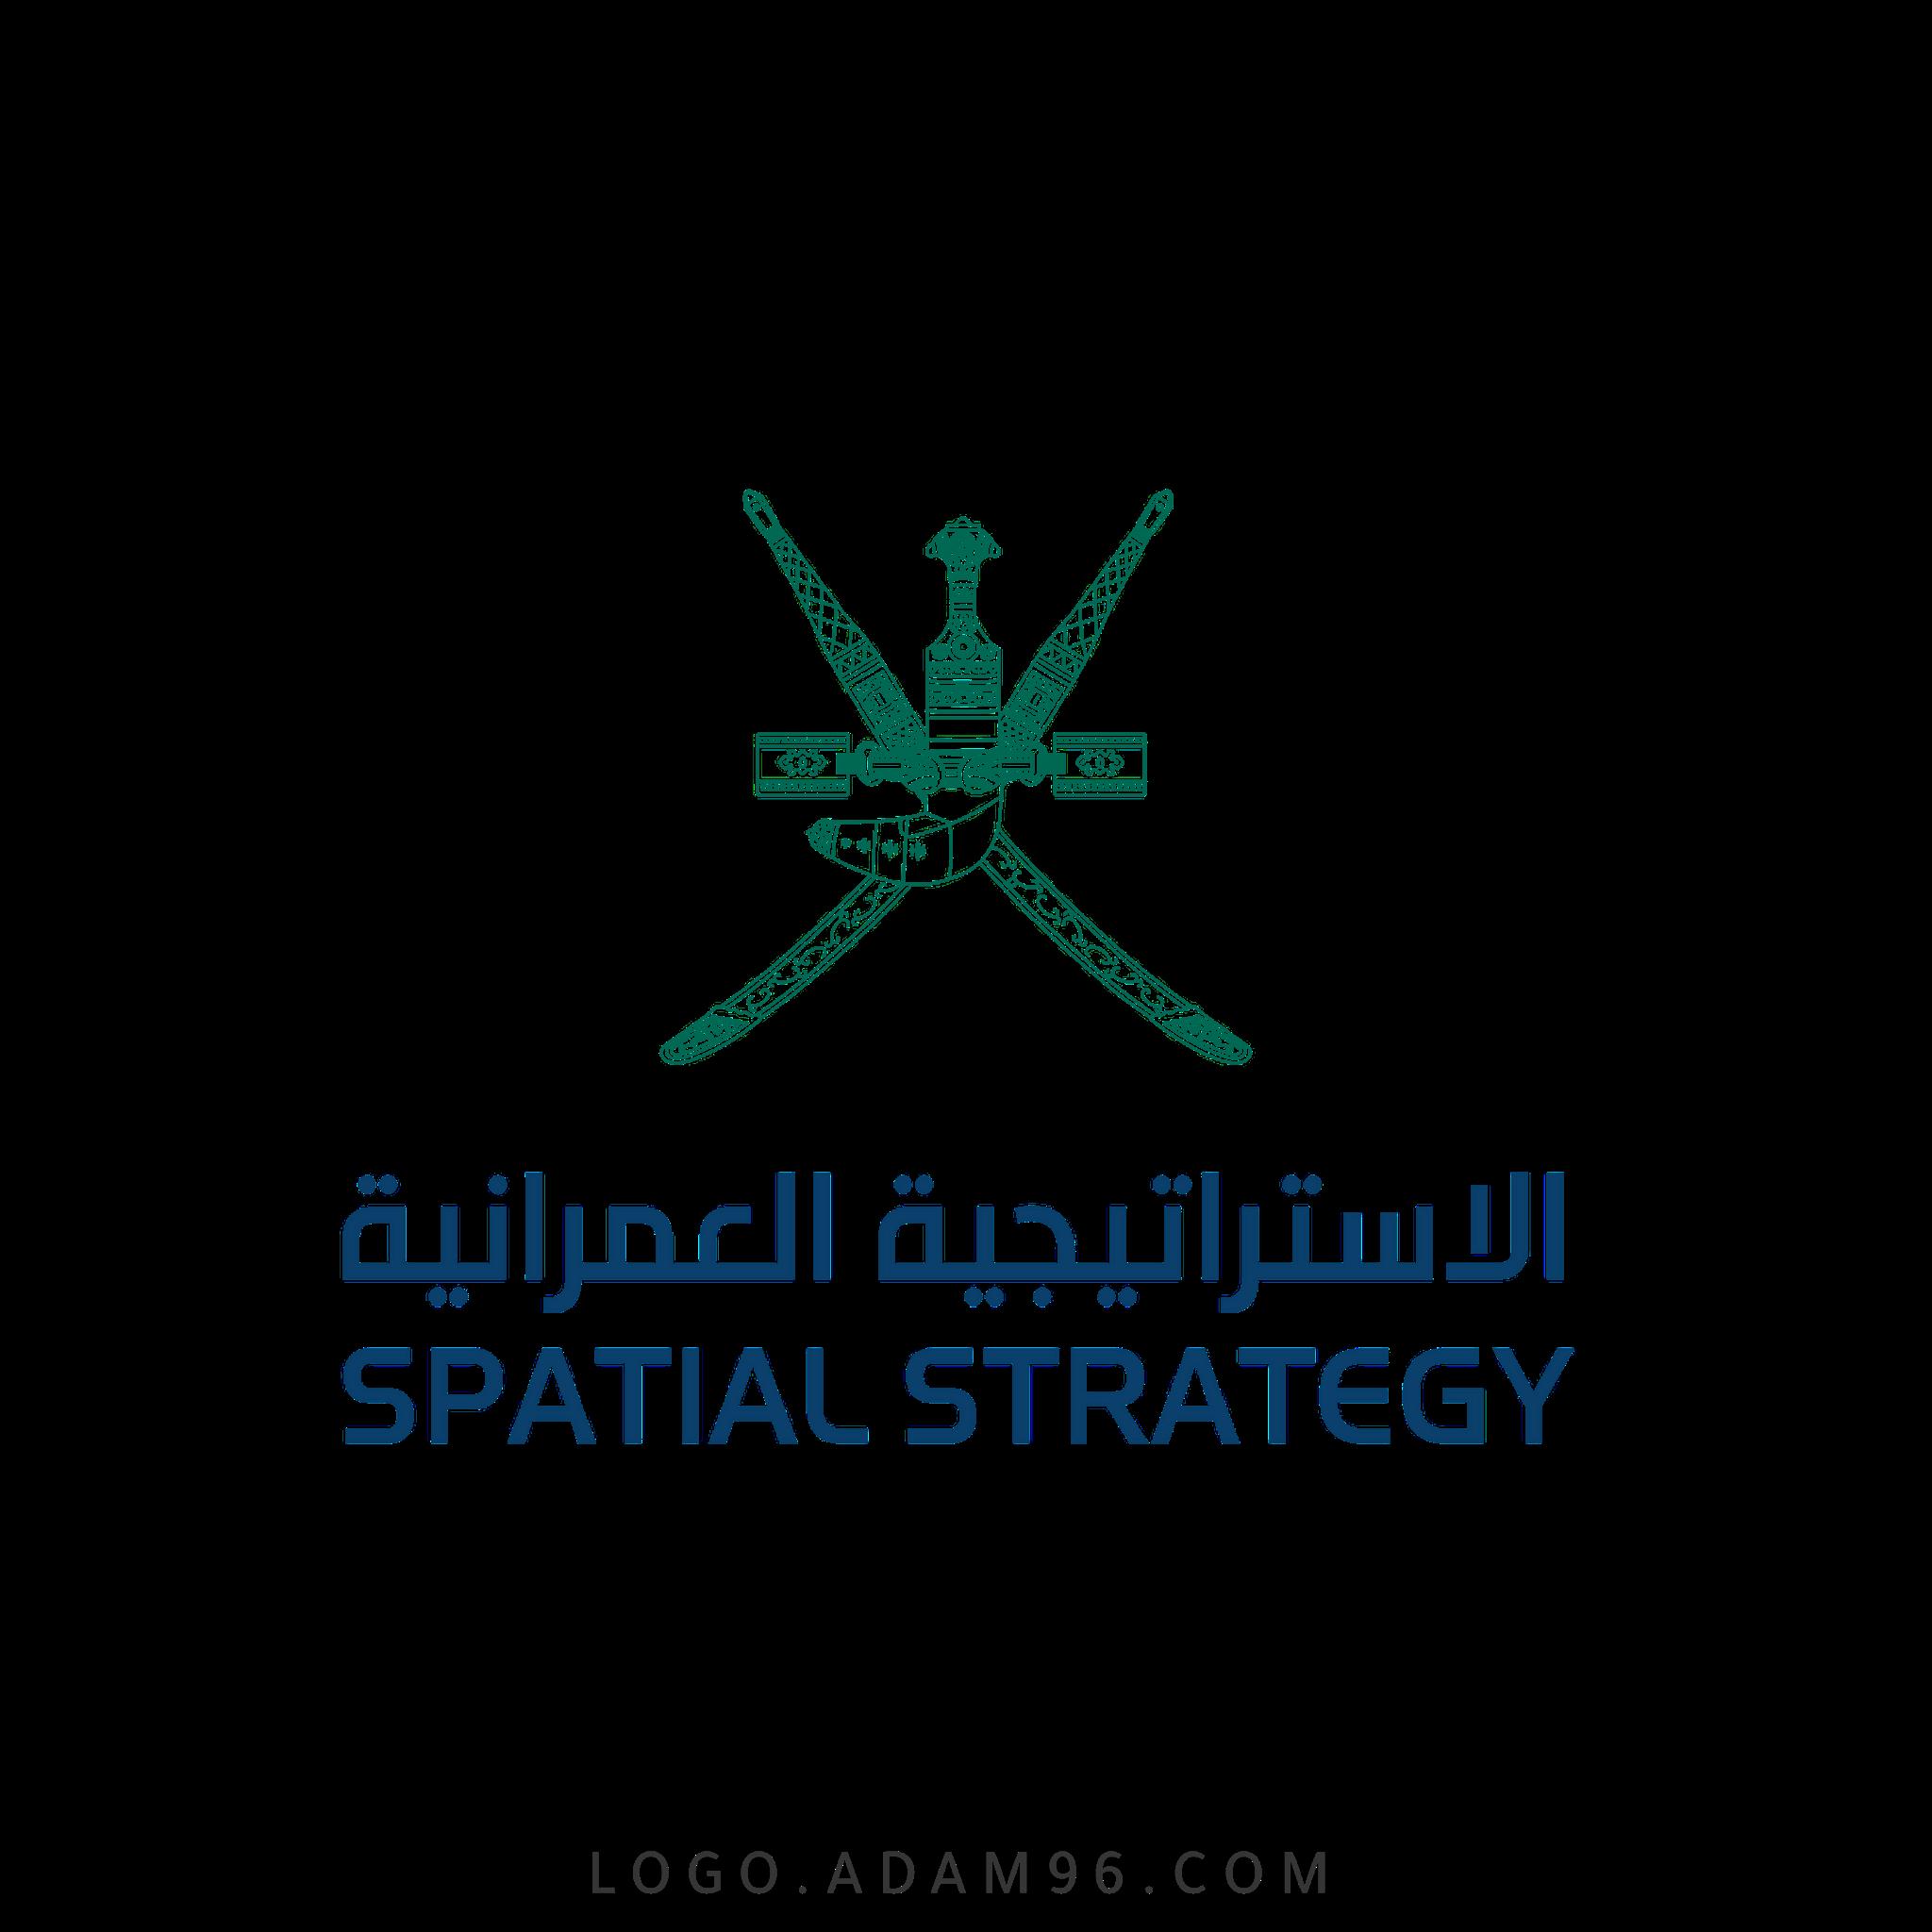 تحميل شعار الاستراتيجية العمرانية لوجو رسمي عالي الجودة PNG